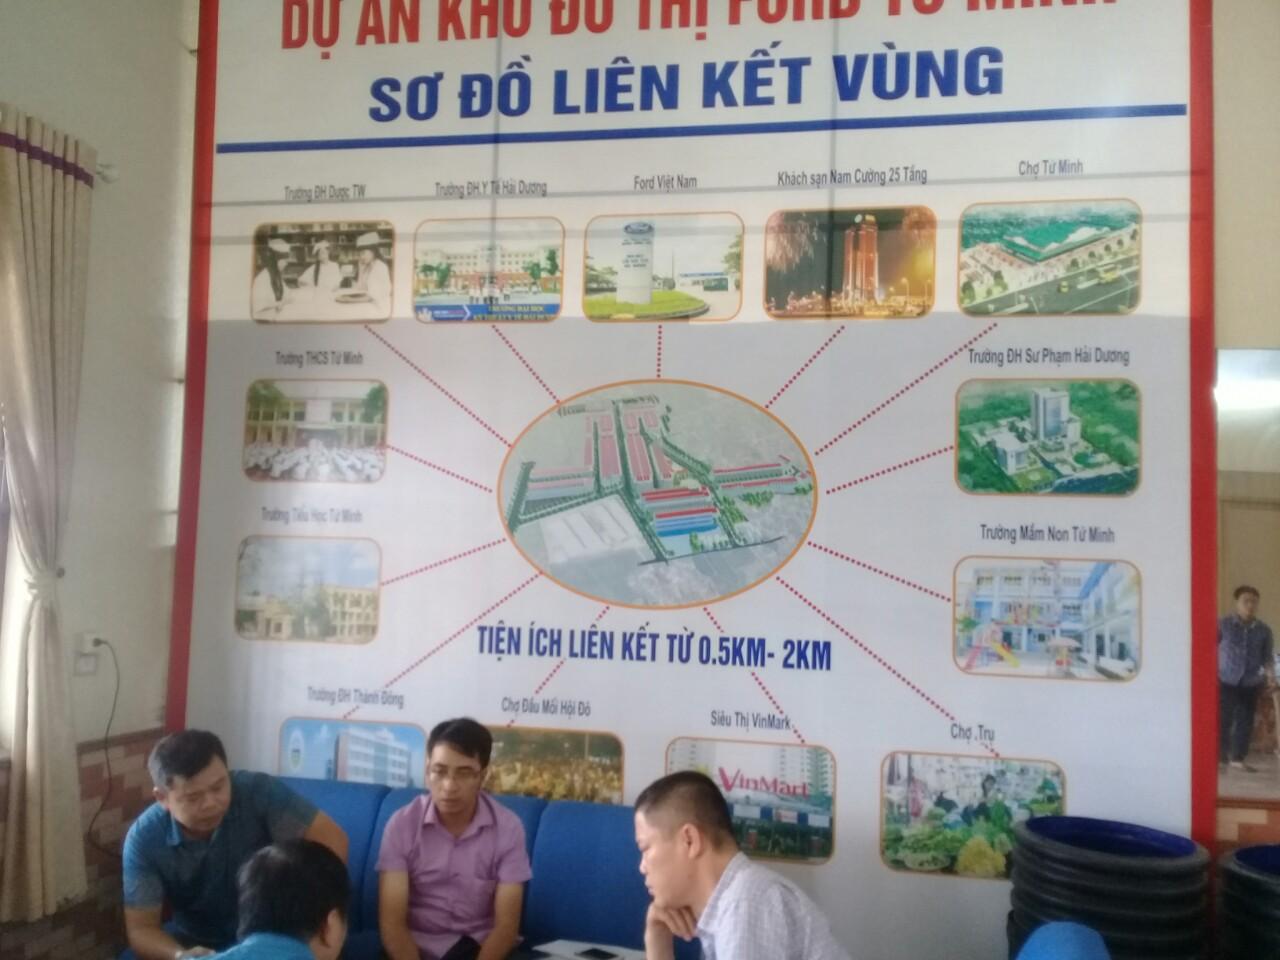 1 Bán đất Dự Án Khu đô thị Ford Tứ Minh, phường Tứ Minh, Thành phố Hải Dương